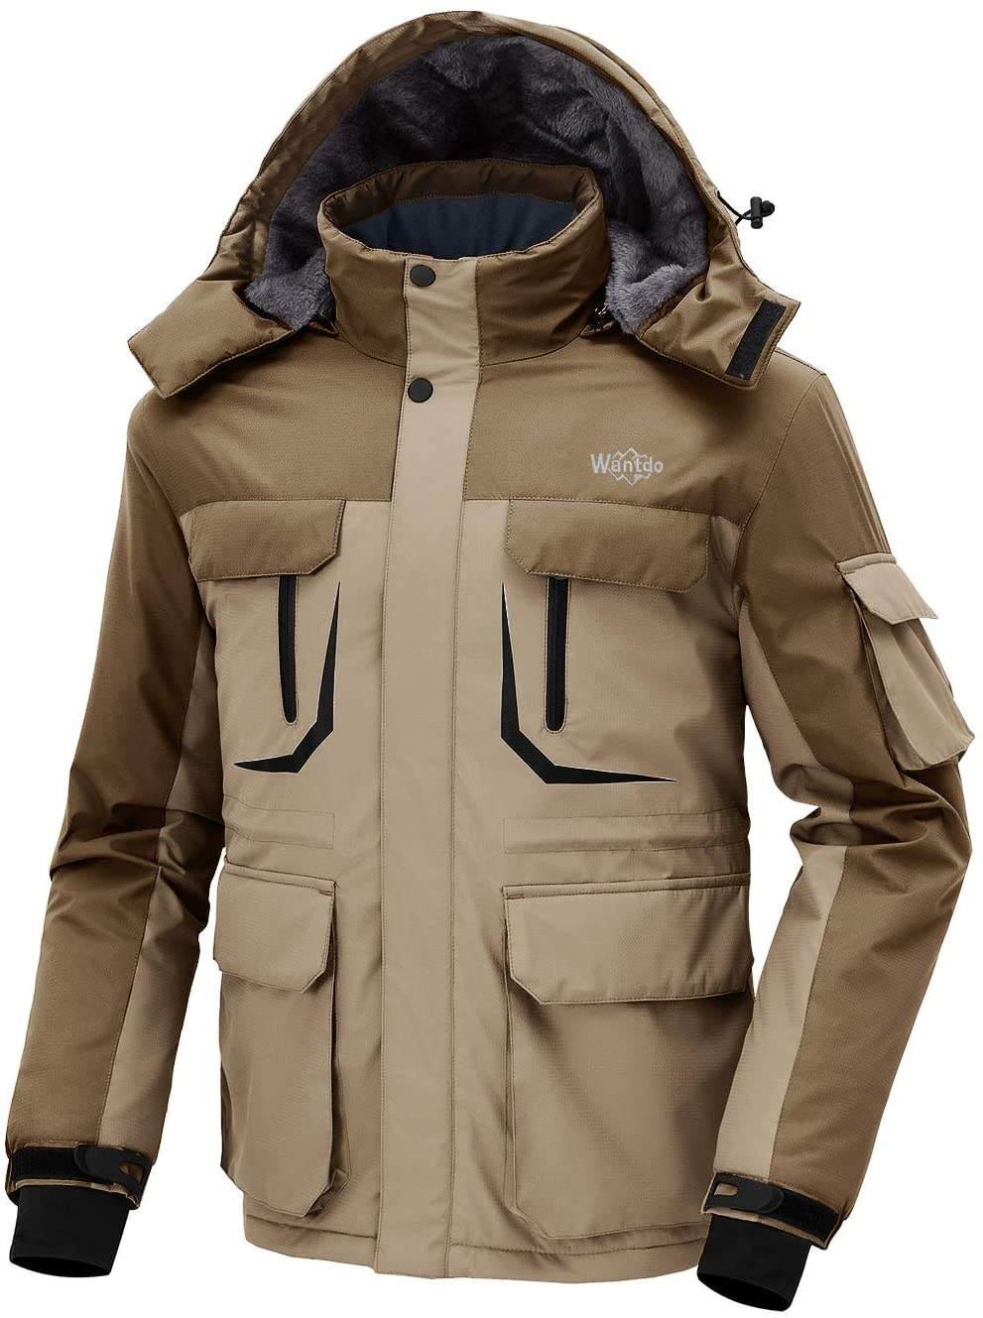 Wantdo Homme Veste de Ski Outdoor Manteau dhiver Chaud avec Capuche Amovible Veste Imperm/éable Coupe-Vent Veste Randonn/ée pour Voyage